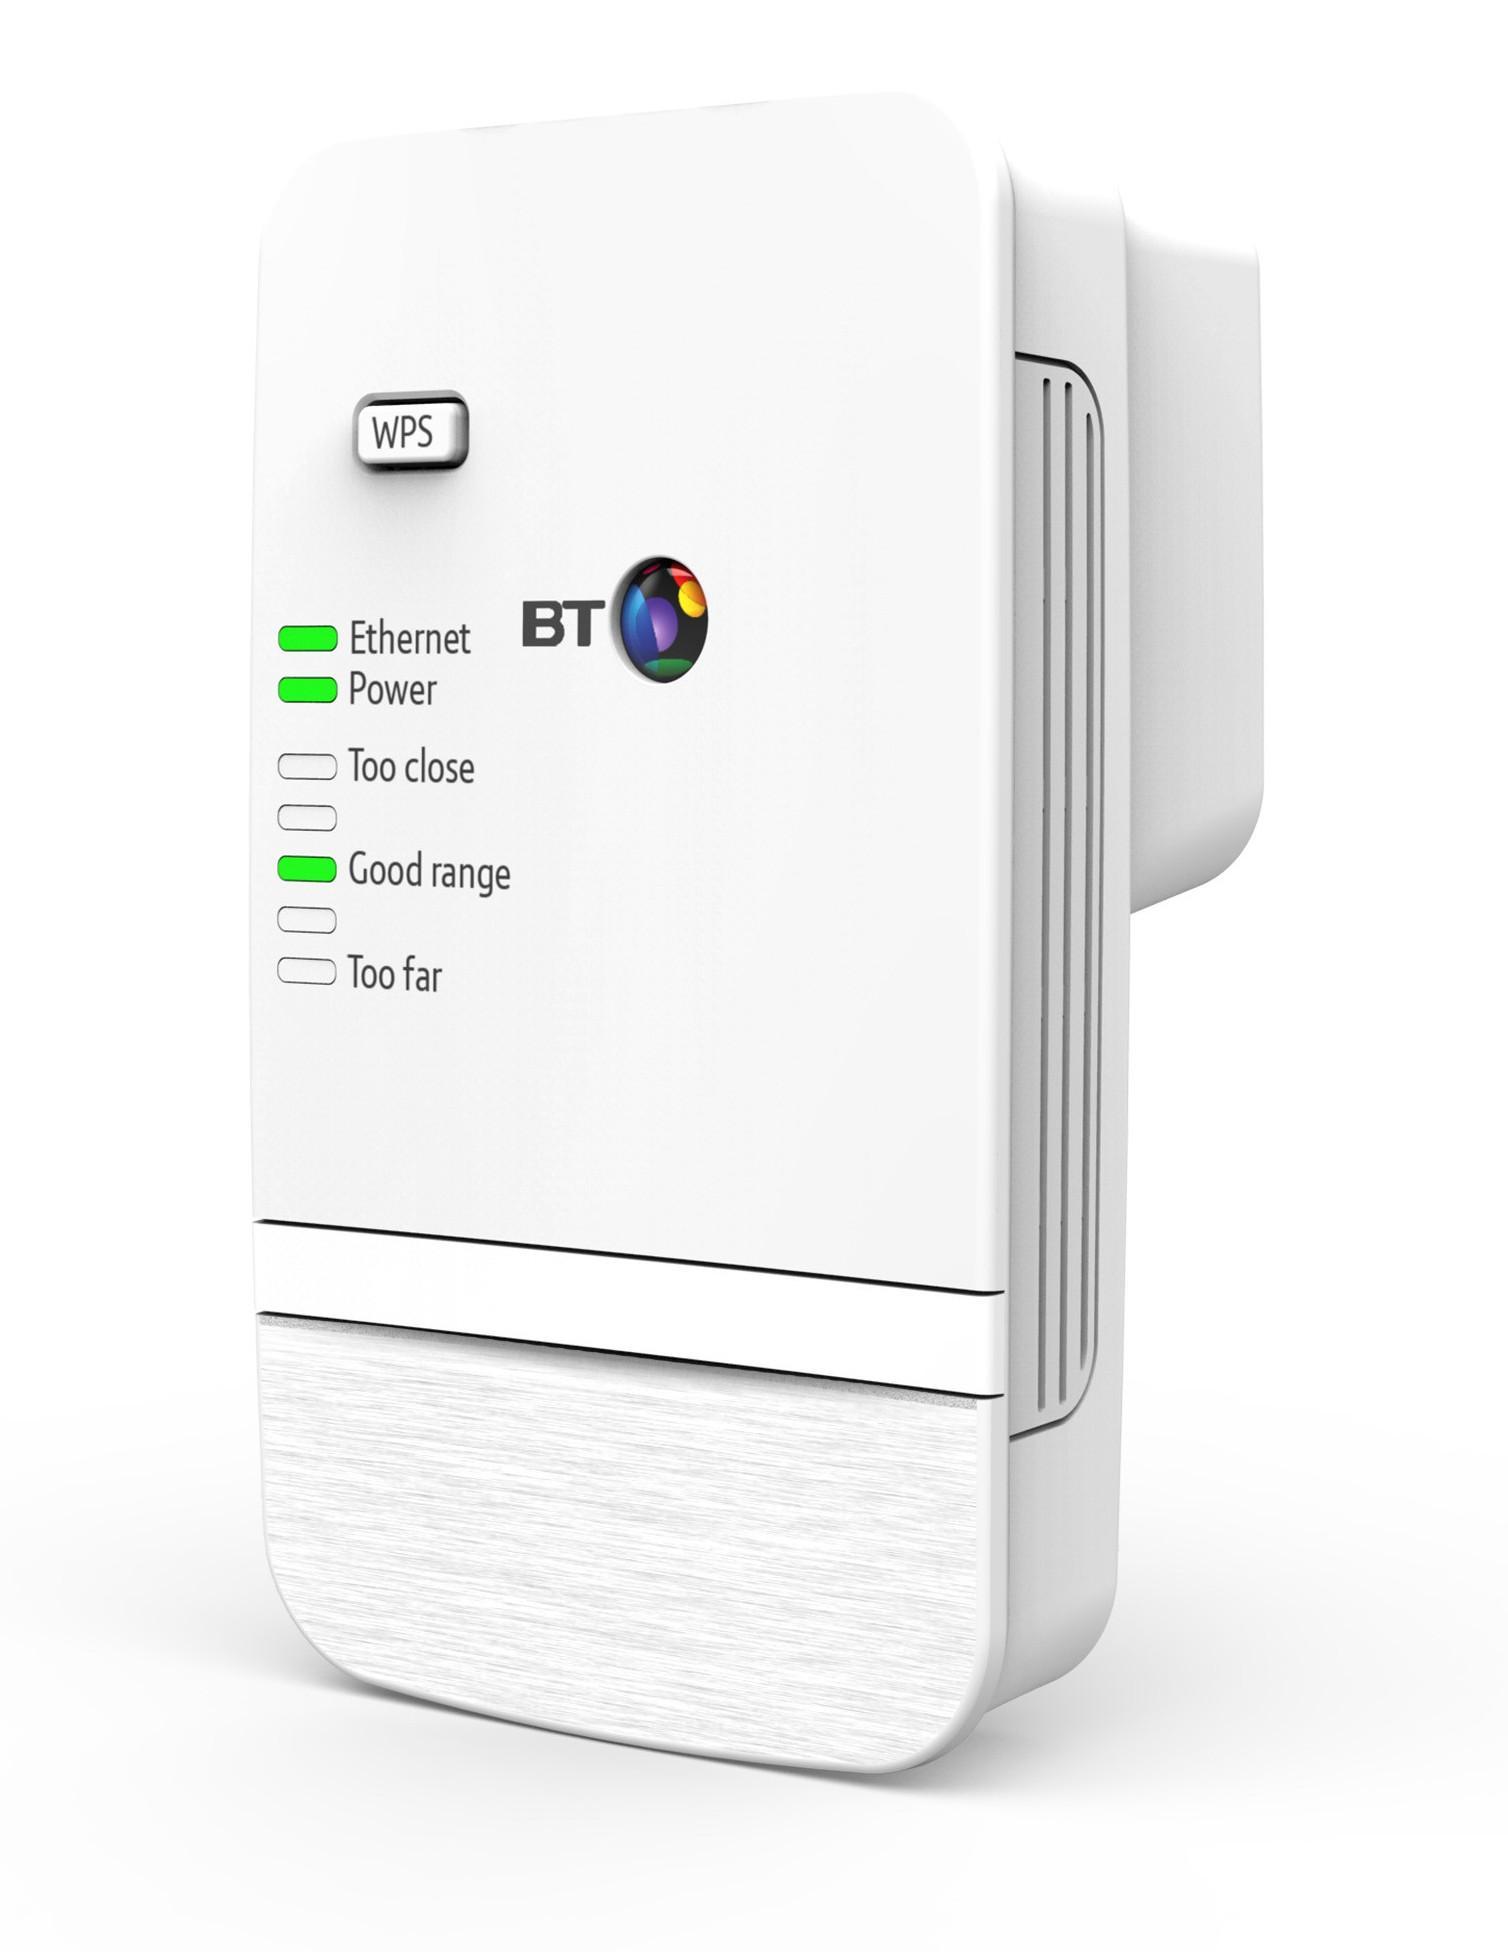 Bt Wifi Broadband Booster Extender Signal Range Adapter